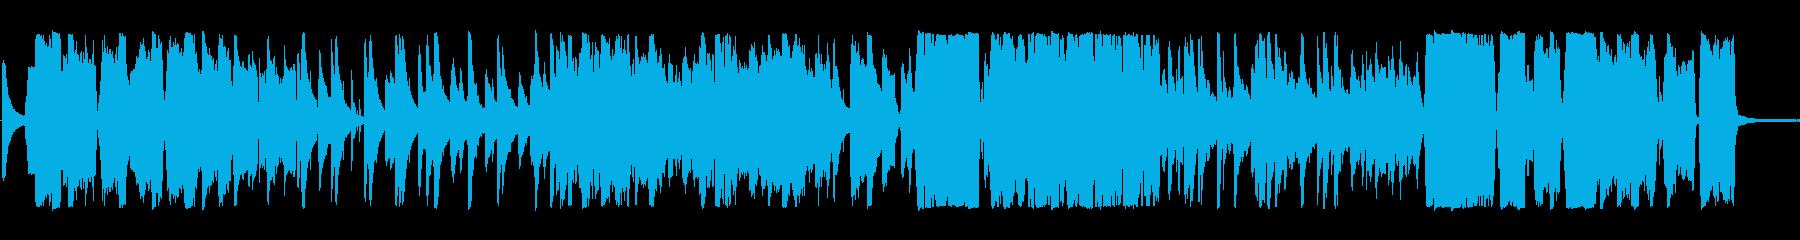 ジャズ 静か ハイテク アンビエン...の再生済みの波形